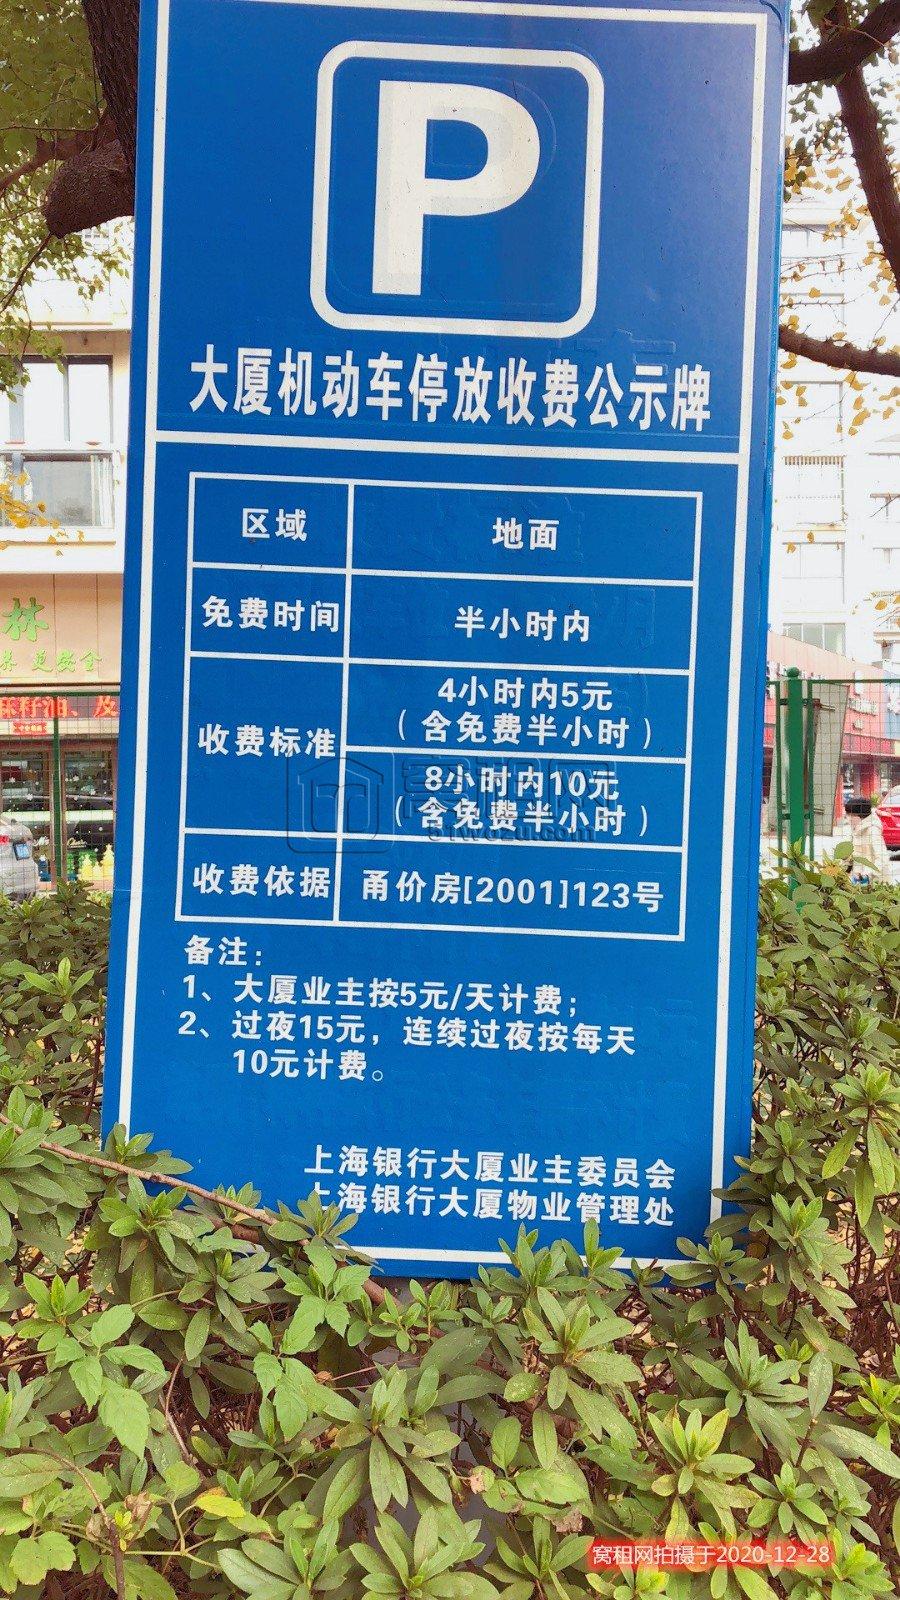 宁波市上海银行大厦停车收费标准